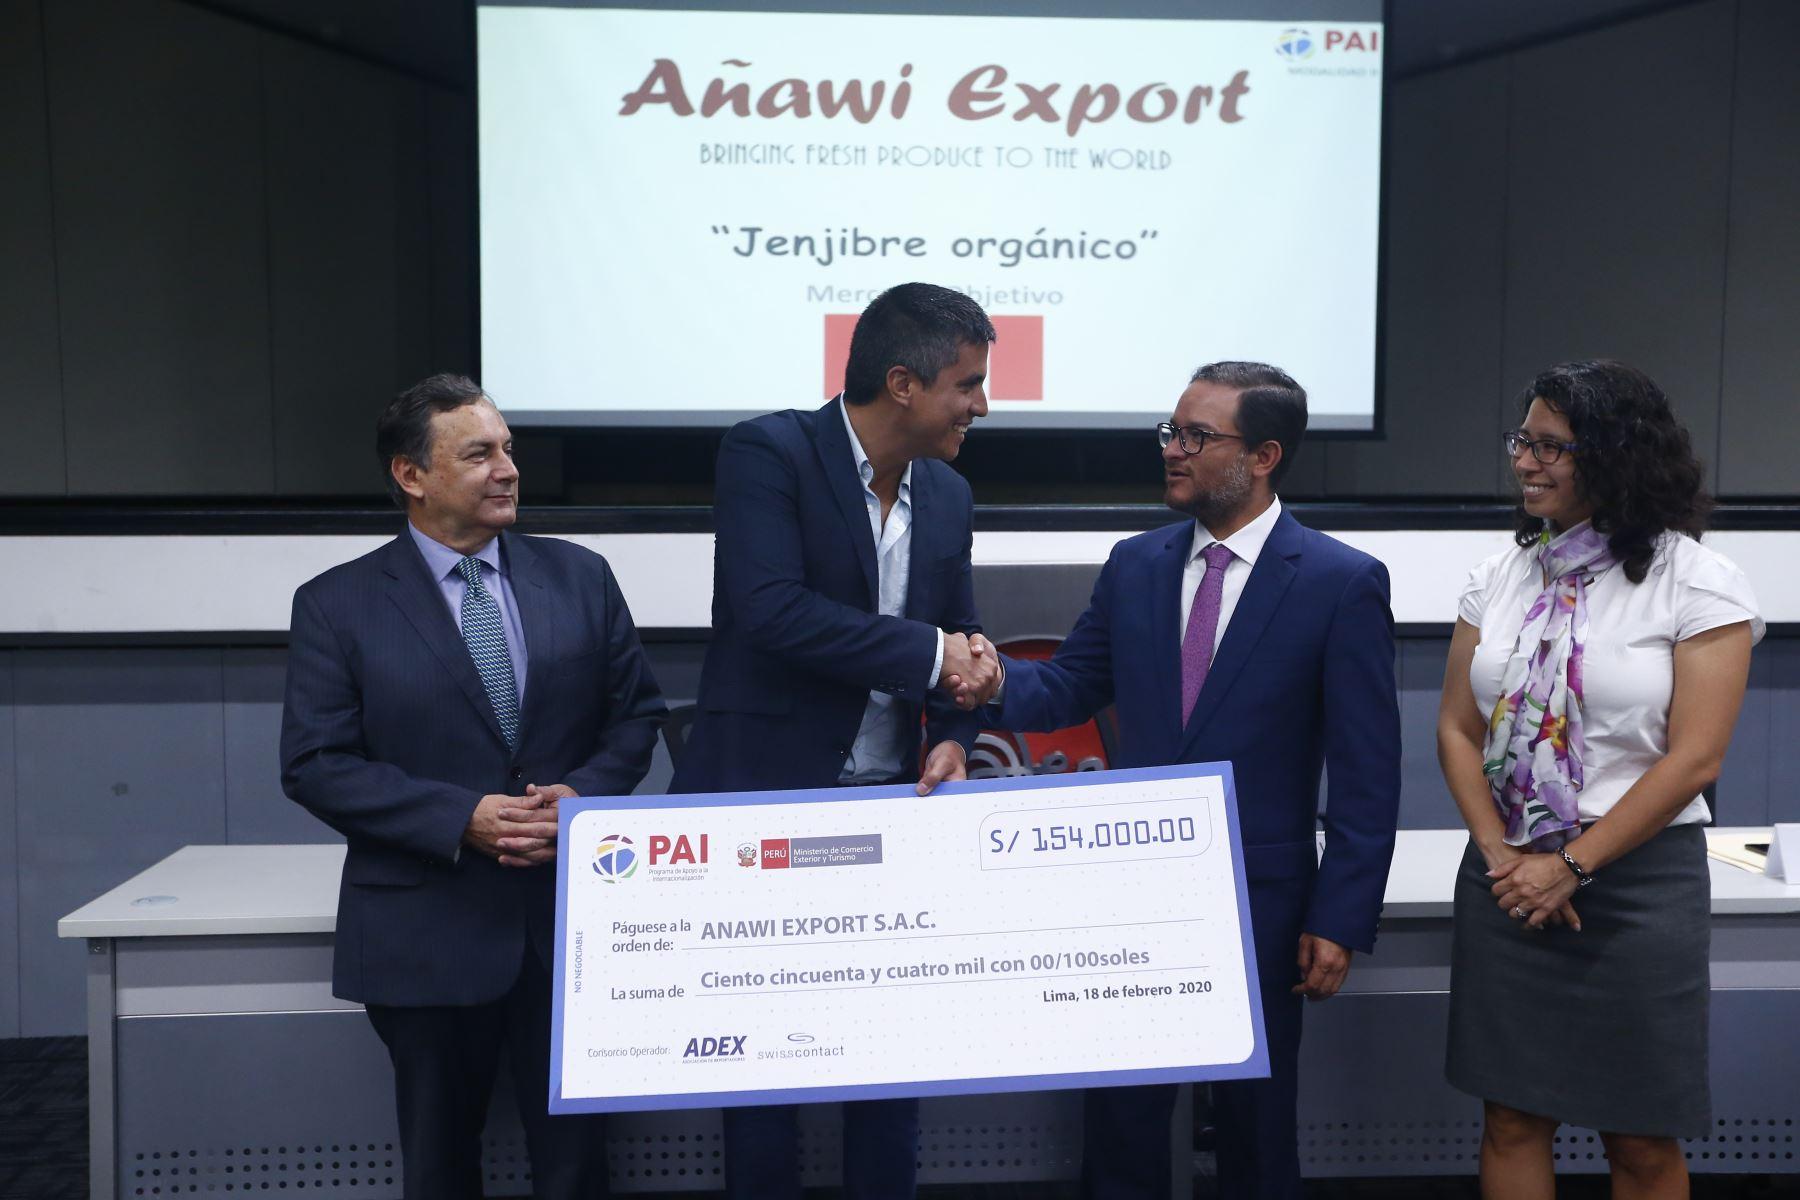 El representante de la empresa Anawi Export recibe un cheque por 154 mil soles. Foto: ANDINA/Jhonel Rodríguez Robles